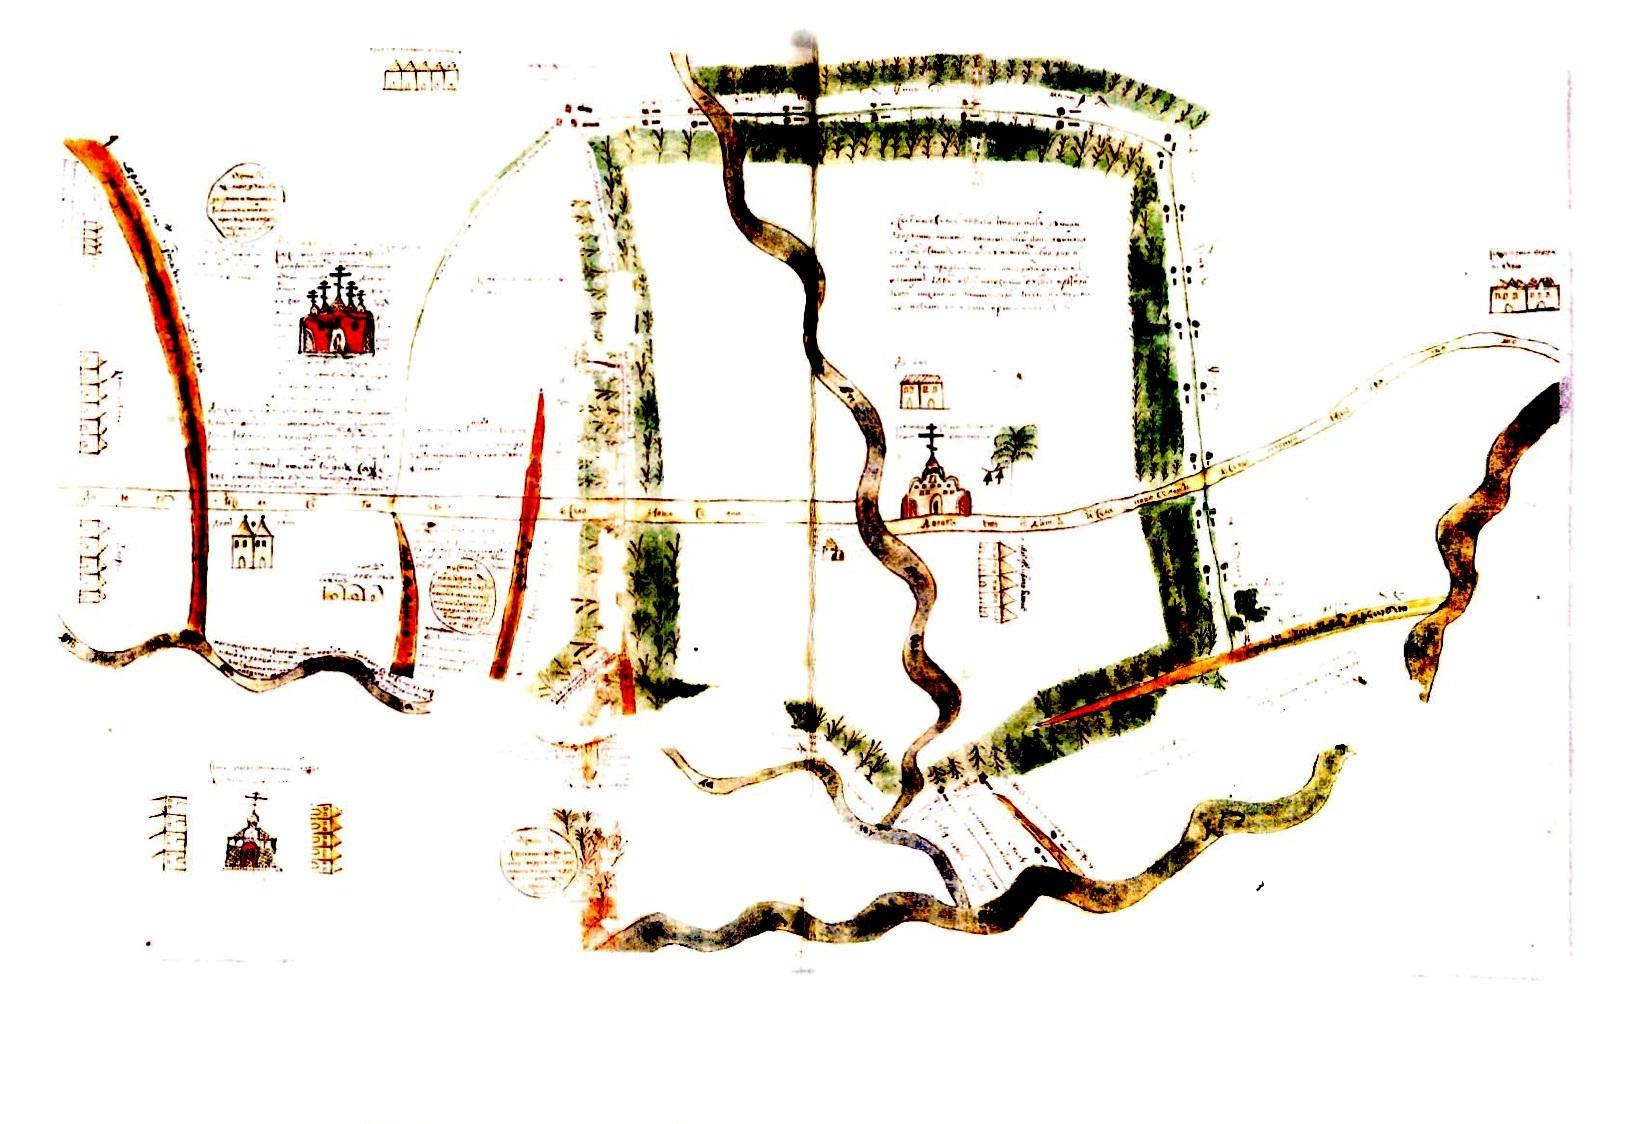 План одного з маєтків гетьмна І. Самойловича в с. Новосілки та суміжних земель. Серпень 1685 р.